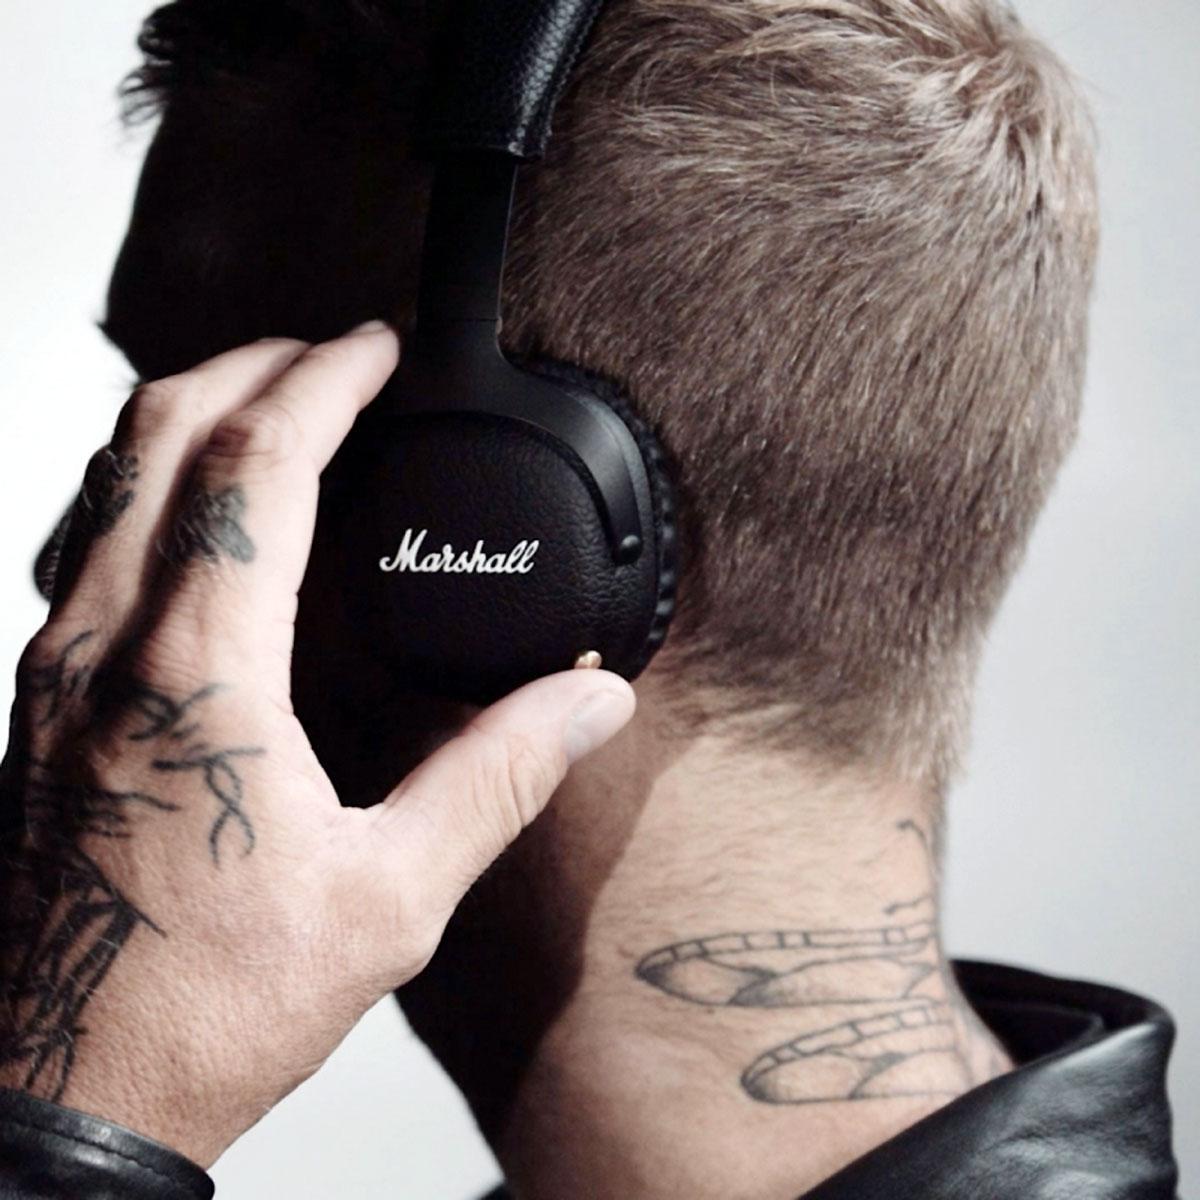 Картинки по запросу Marshall Mid Bluetooth